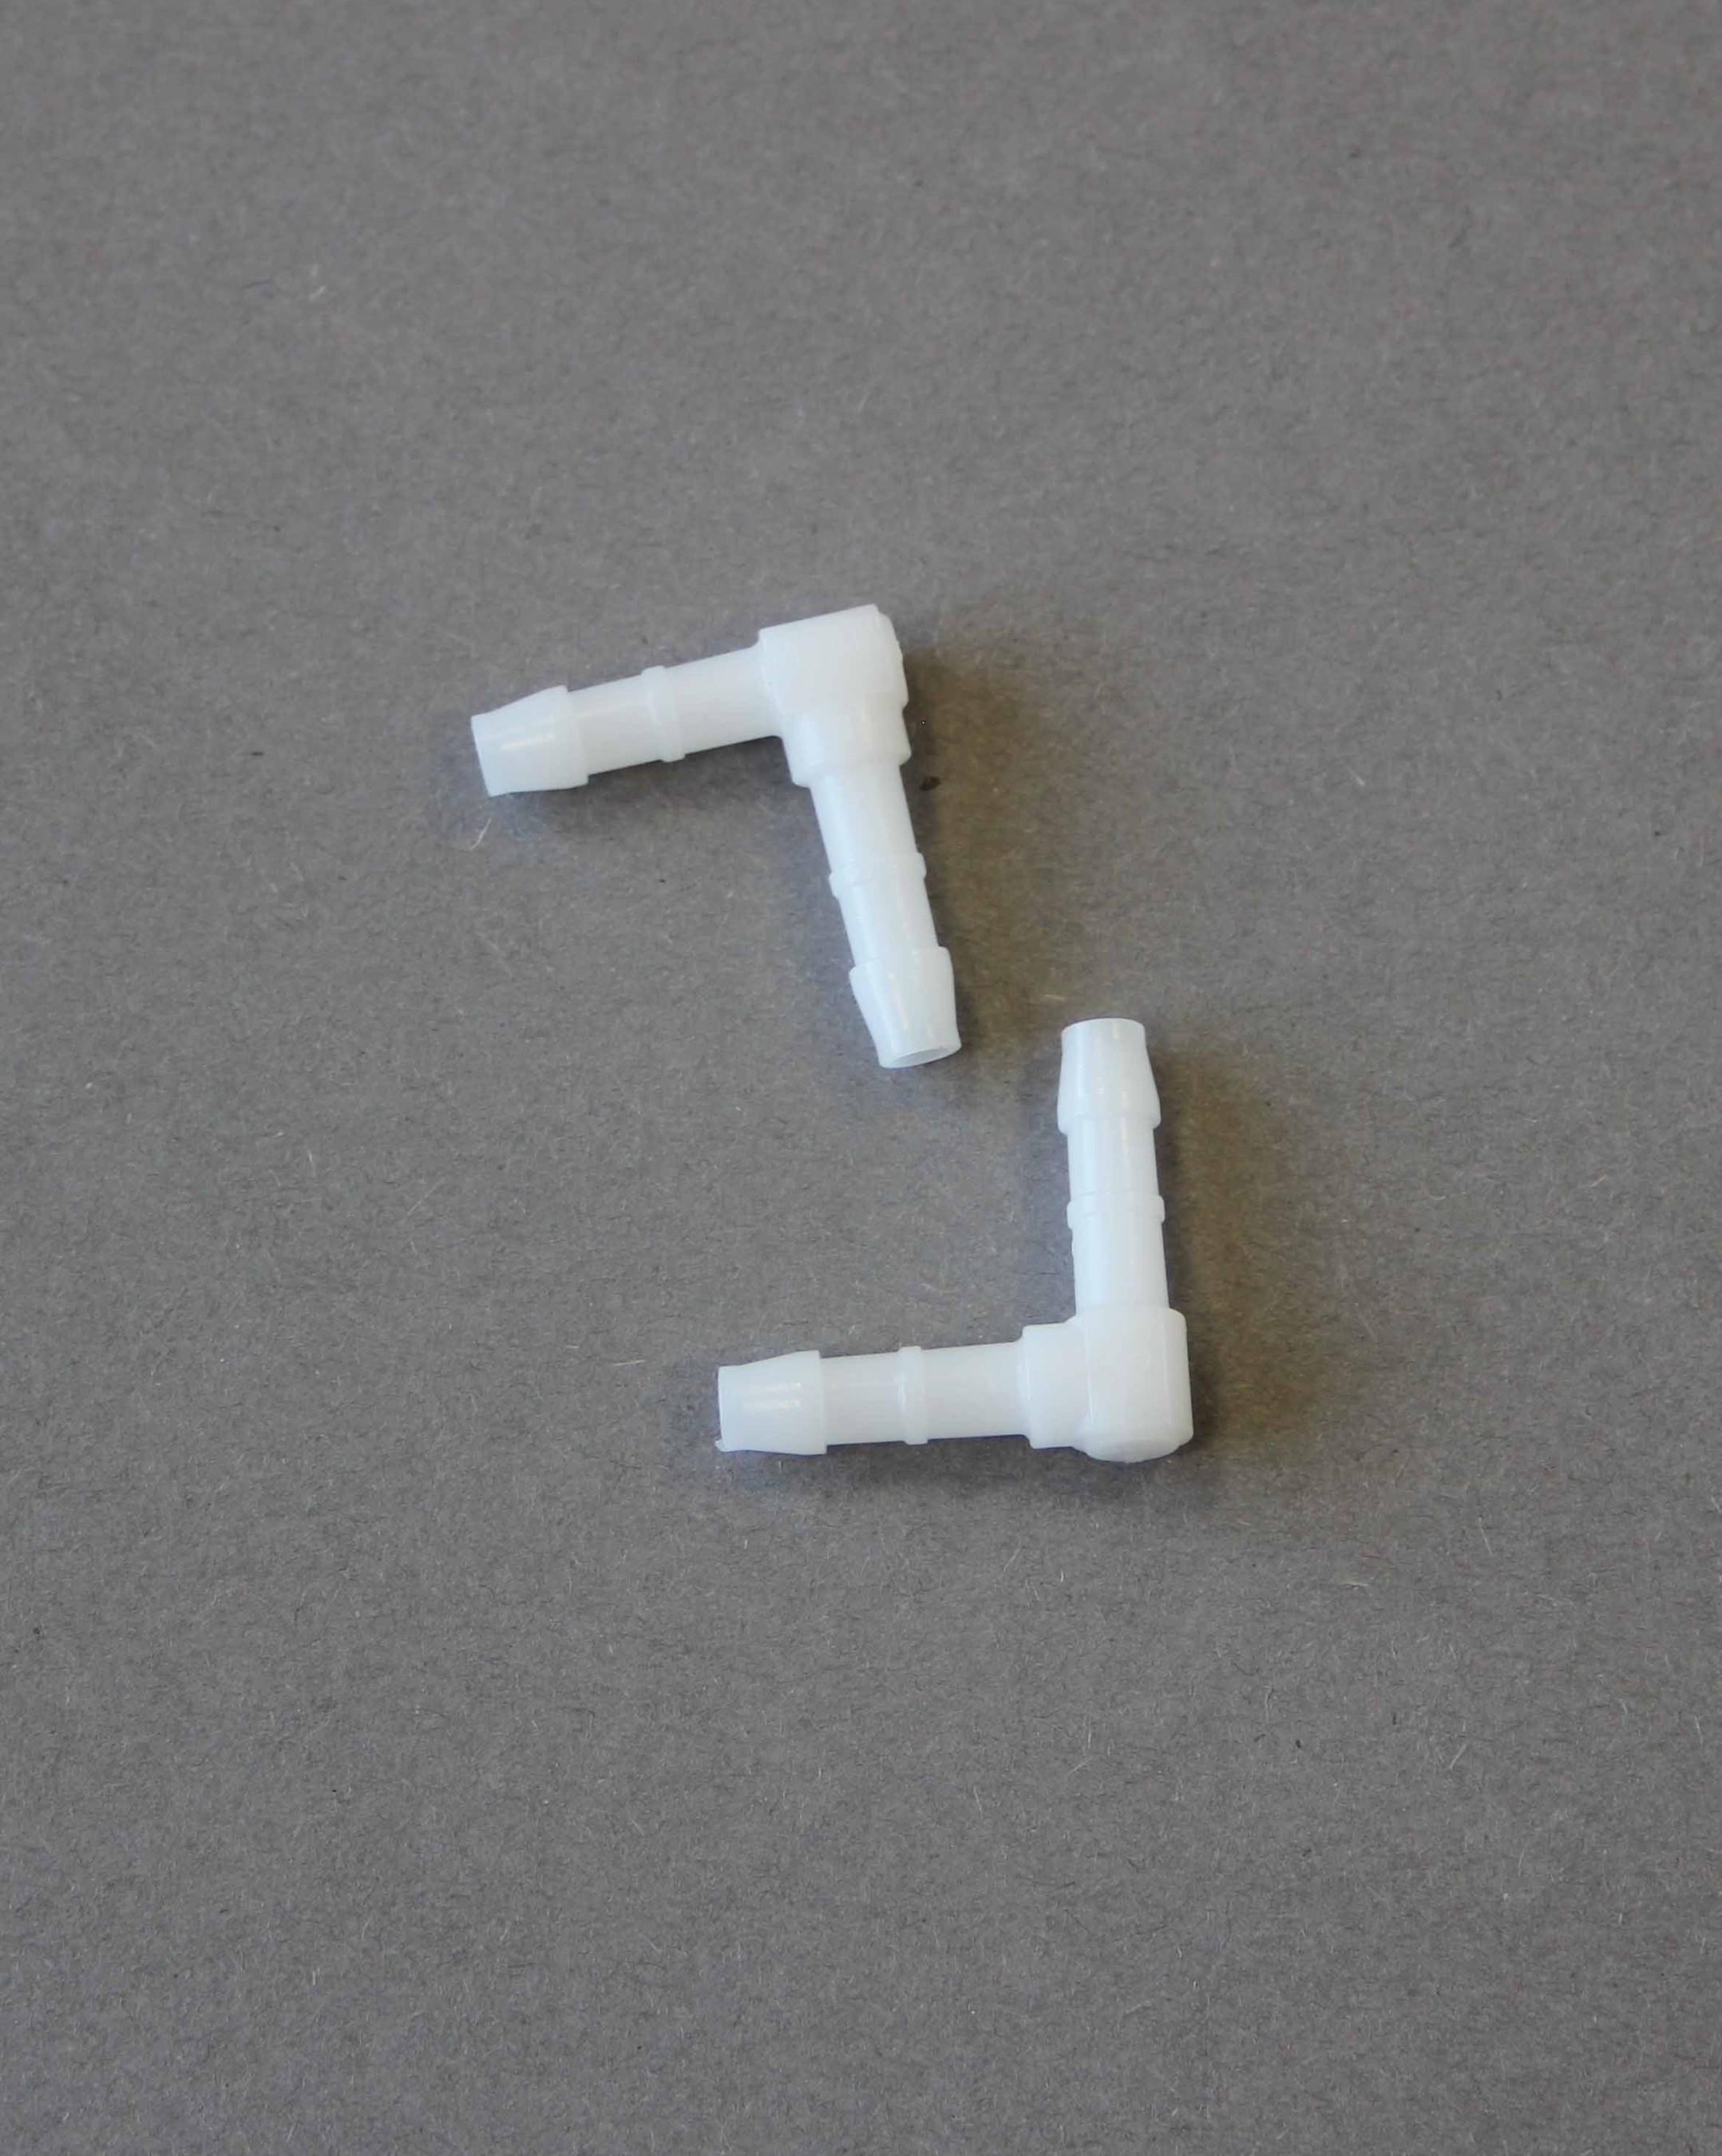 Winkelstück für Luftschlauch Huber Erich Ø 6mm 21x21mm 2 Stück Bild 1